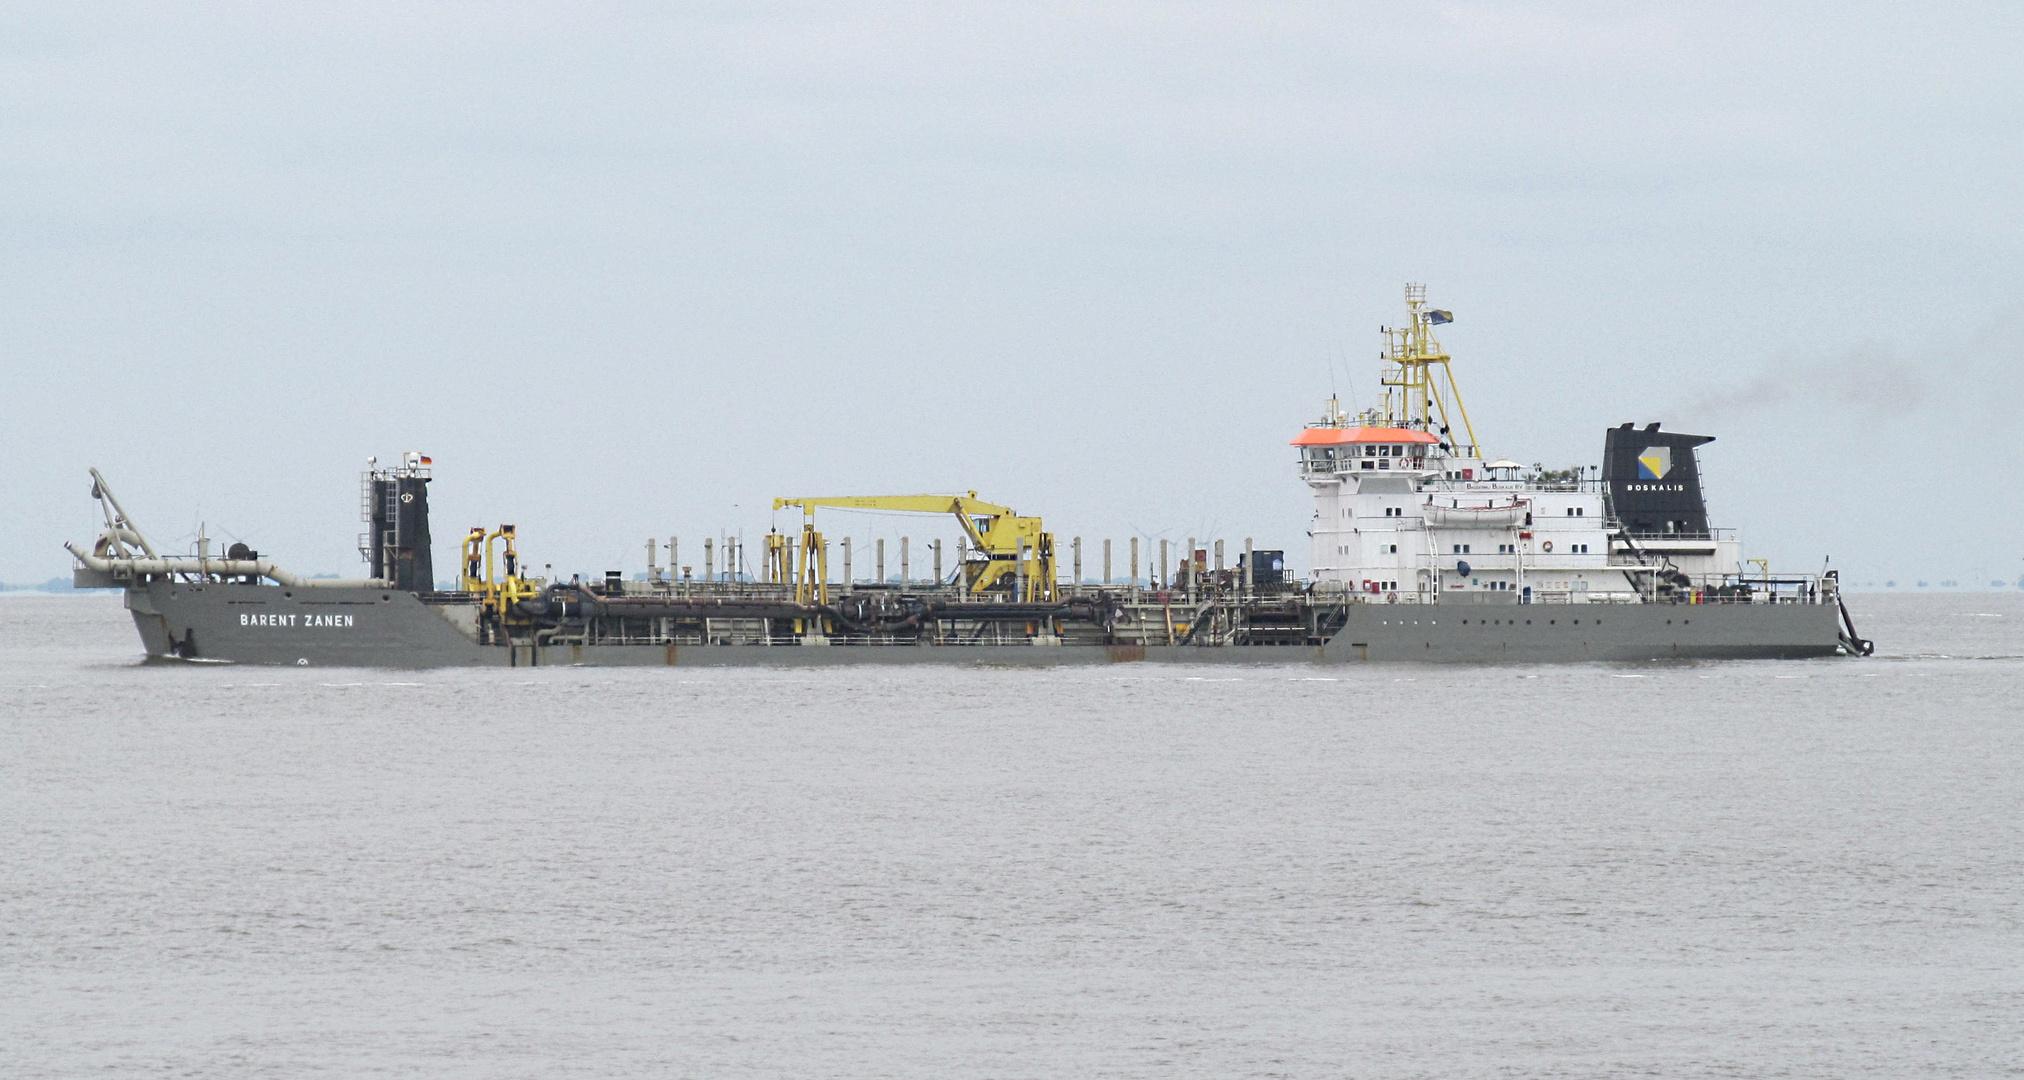 Arbeitsschiff vor dem Hafen Cuxhaven